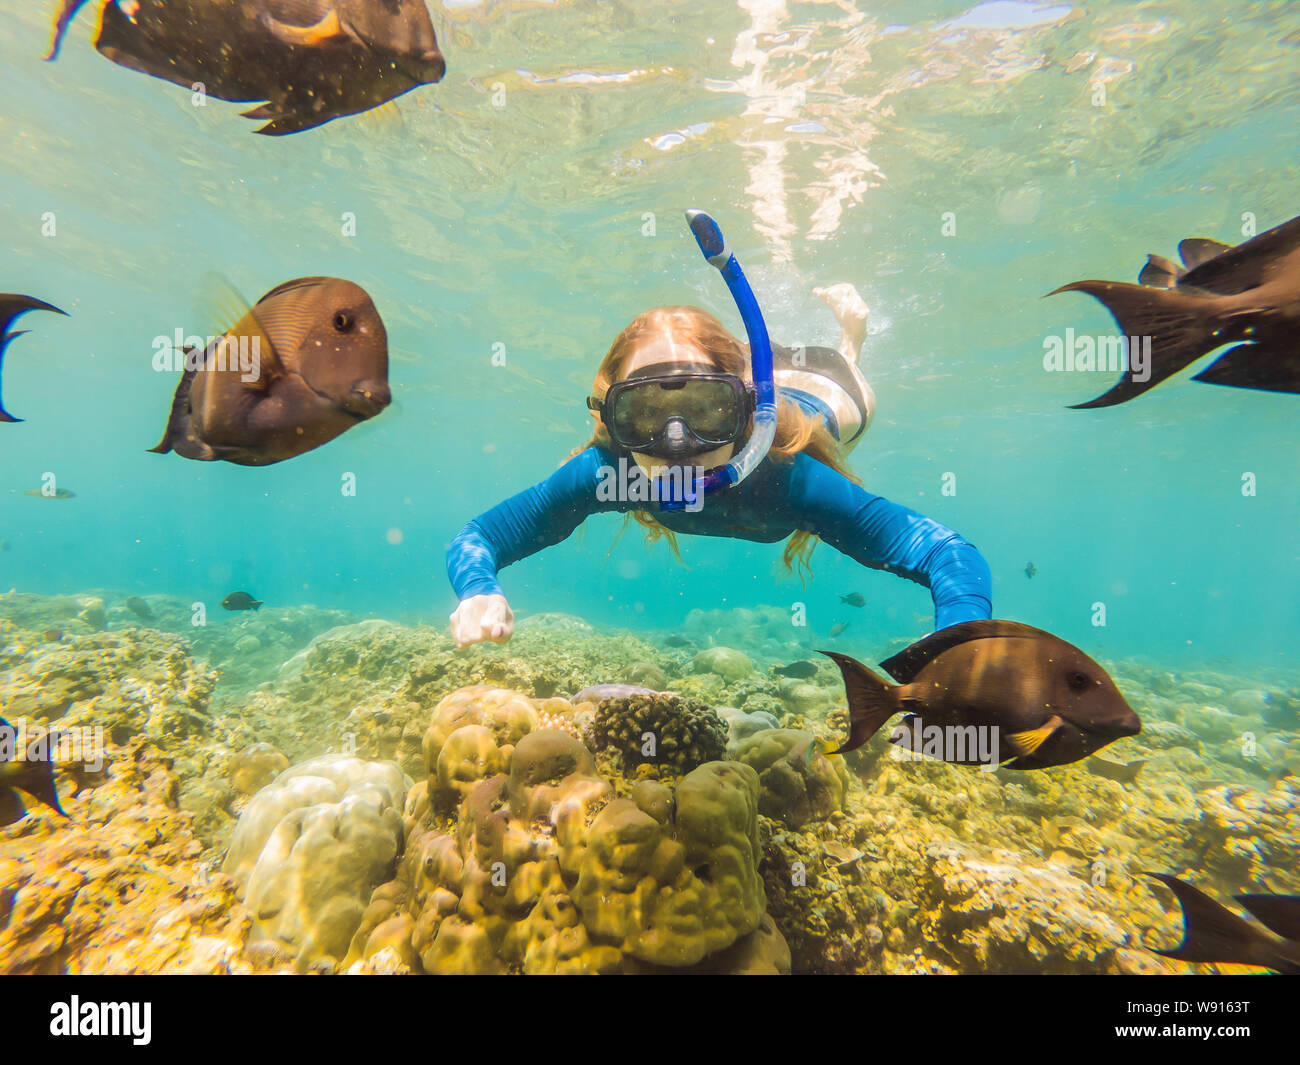 Mujer feliz en el esnórquel Máscara submarina de buceo con peces tropicales de arrecifes de coral mar piscina. Estilo de vida viajes de aventura al aire libre, deportes acuáticos, natación Foto de stock